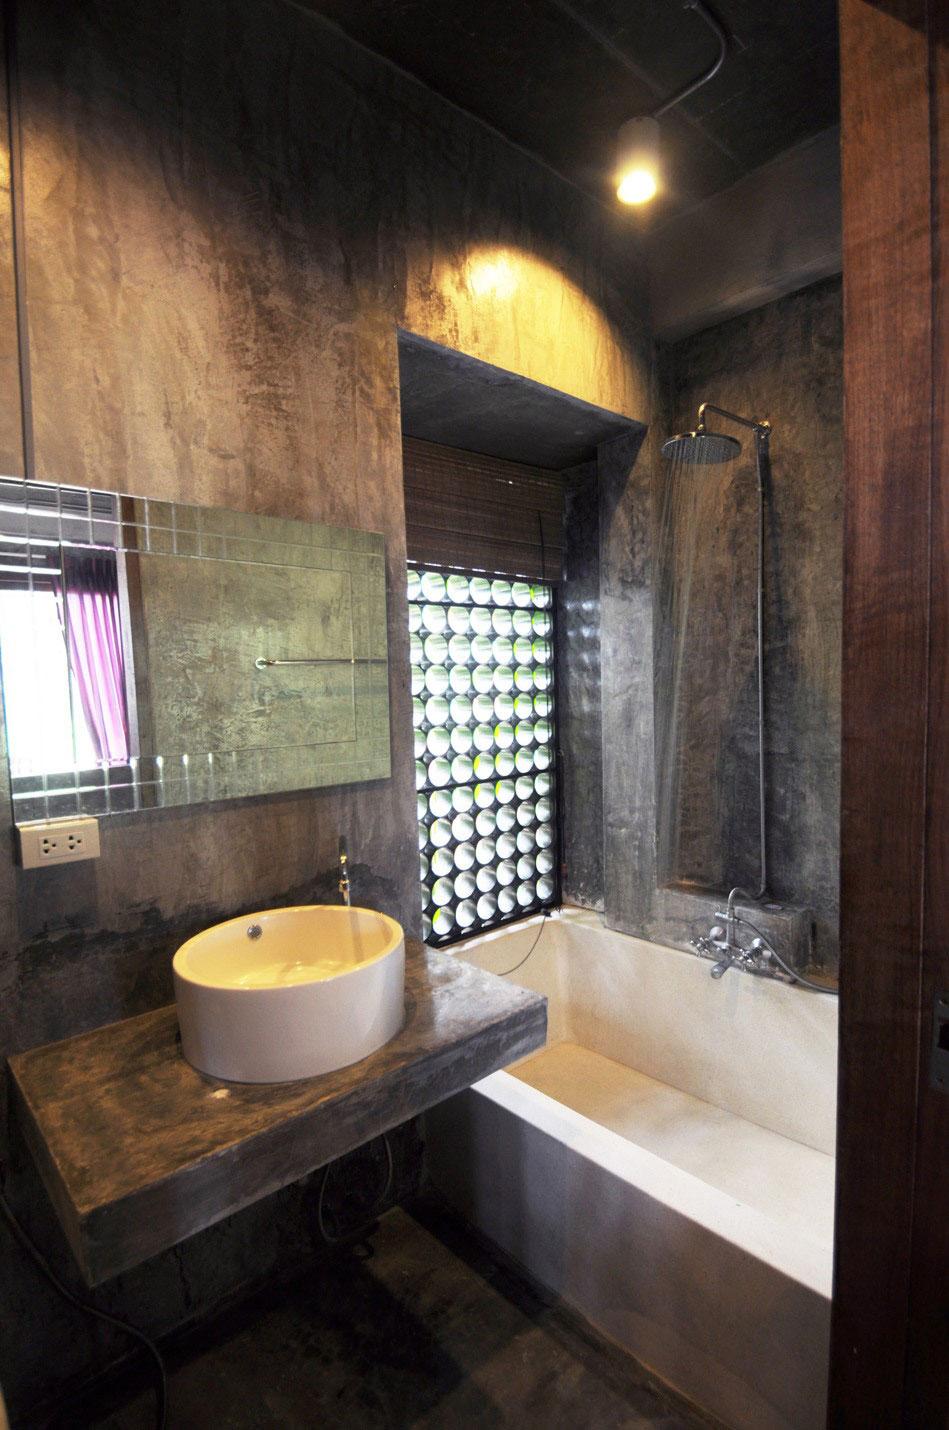 Diseno De Baño Para Casa:Diseño de cuarto de baño en casa de hormigón